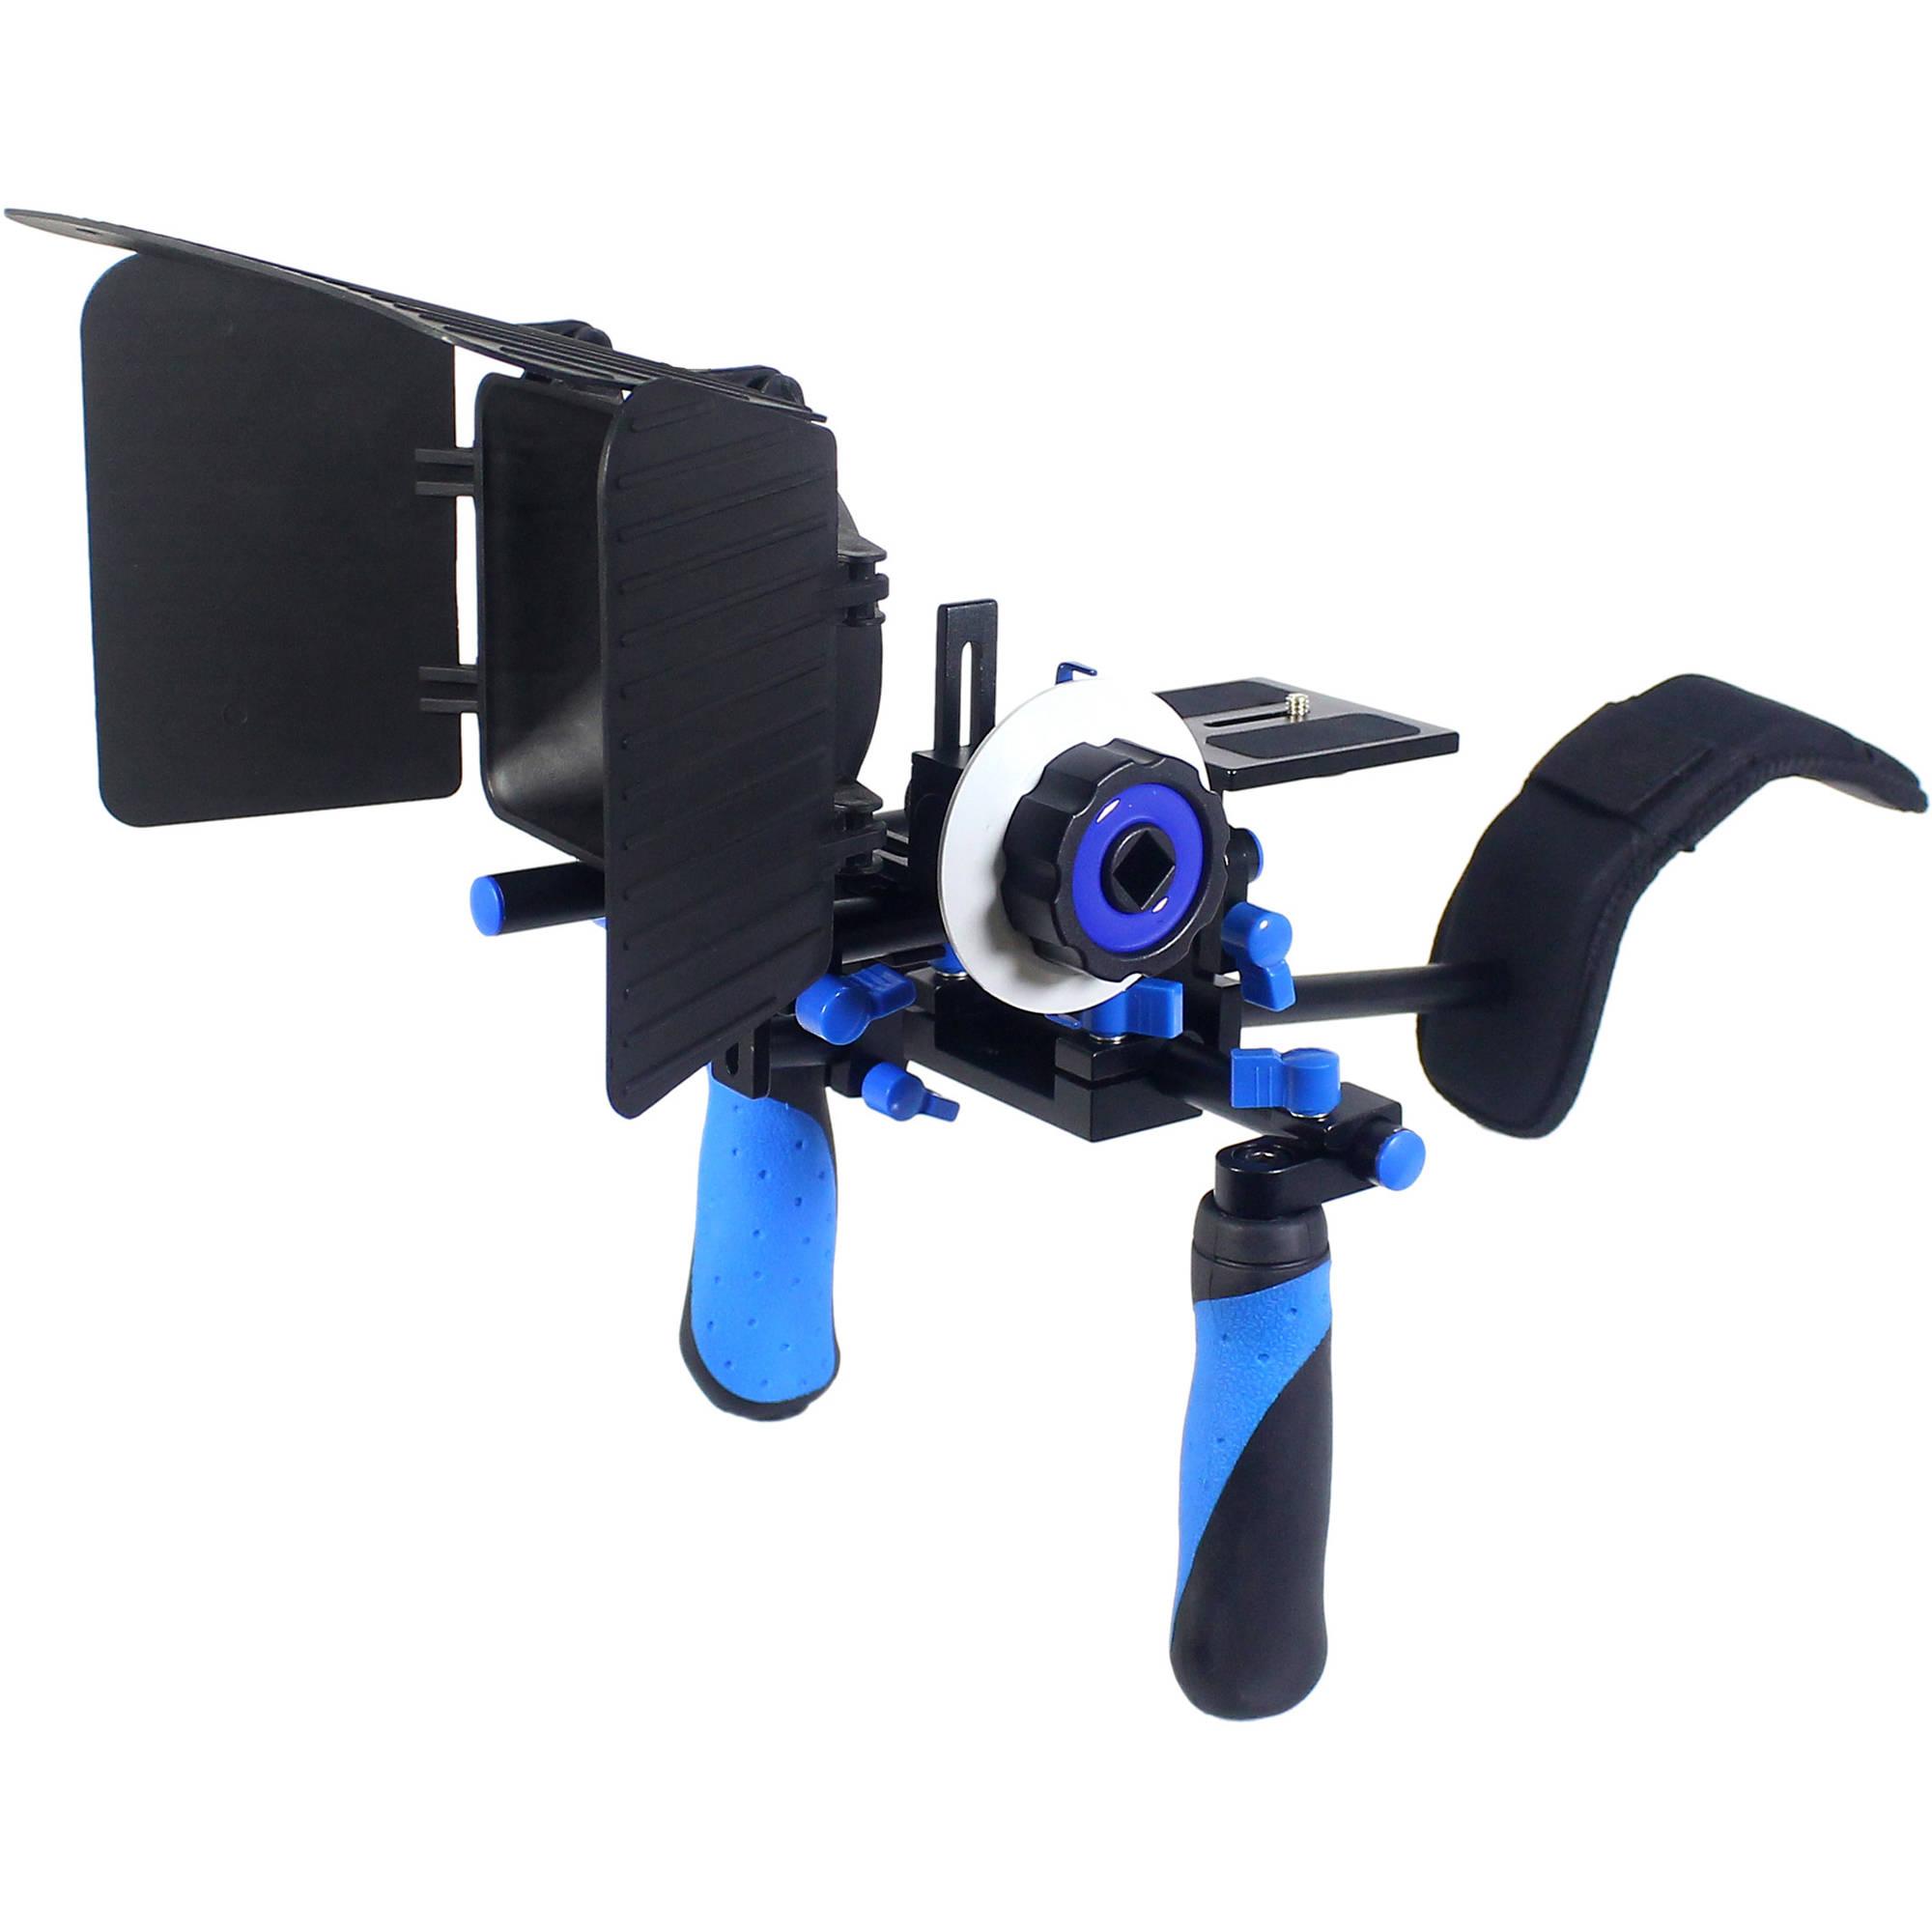 Риги для фотоаппаратов своими руками